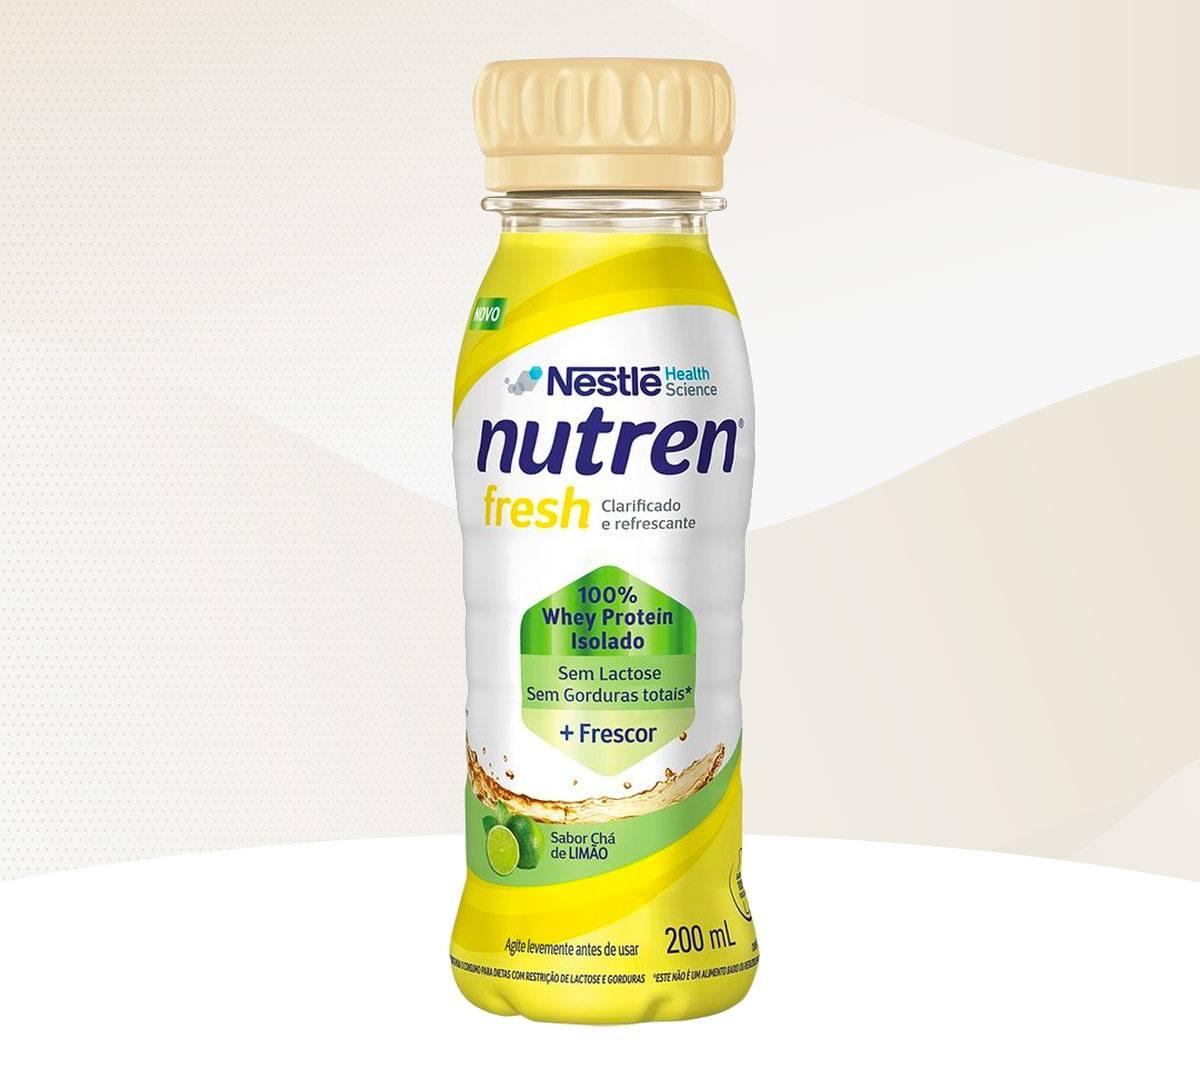 Lançamento: Nutren Fresh – Chá de Limão chega ao mercado